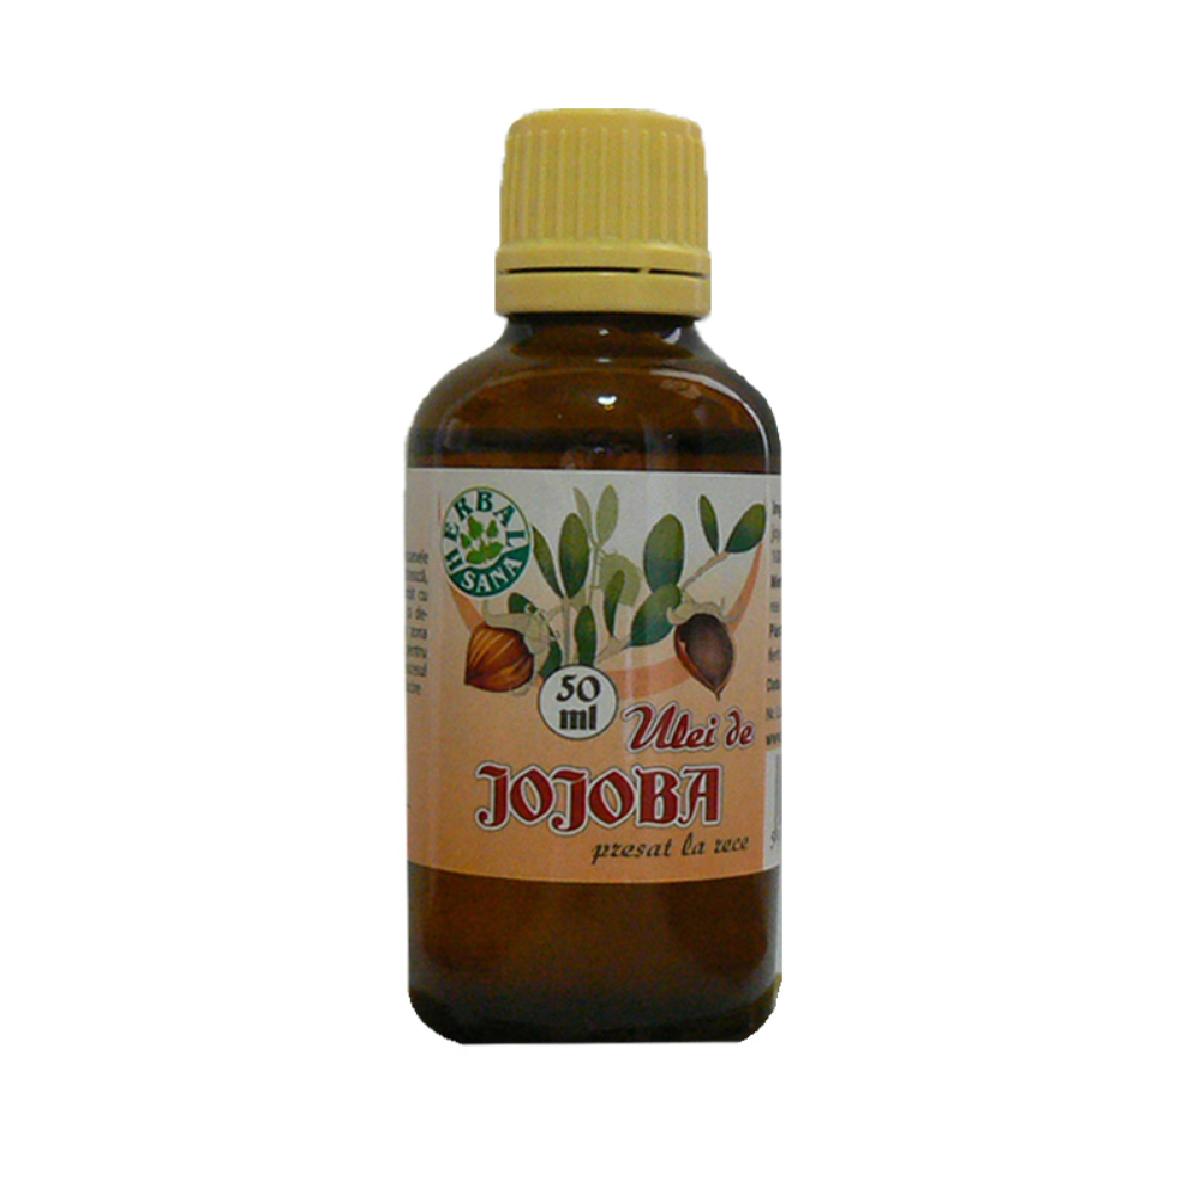 Ulei de Jojoba presat la rece, 50 ml, Herbavit